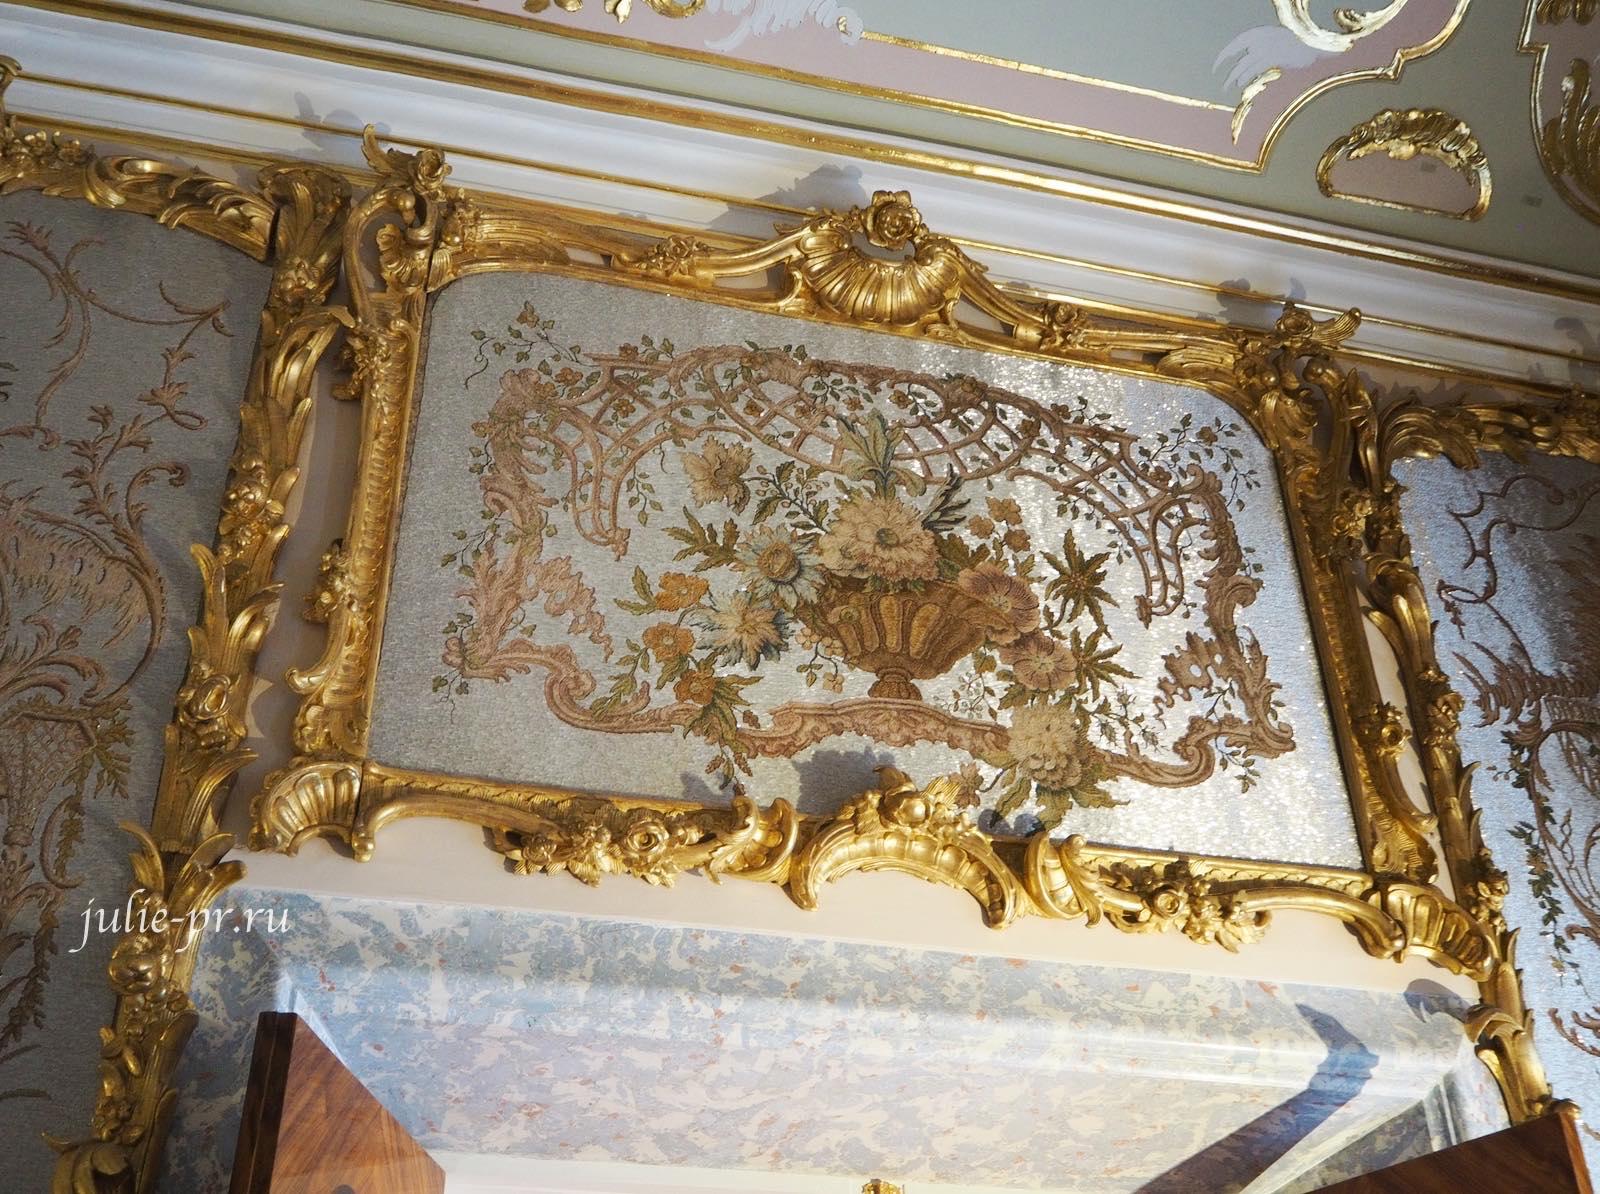 Ораниенбаум, Ломоносов, Китайский дворец, стеклярусный кабинет, вышивка гладью, вышивка стеклярусом, синель